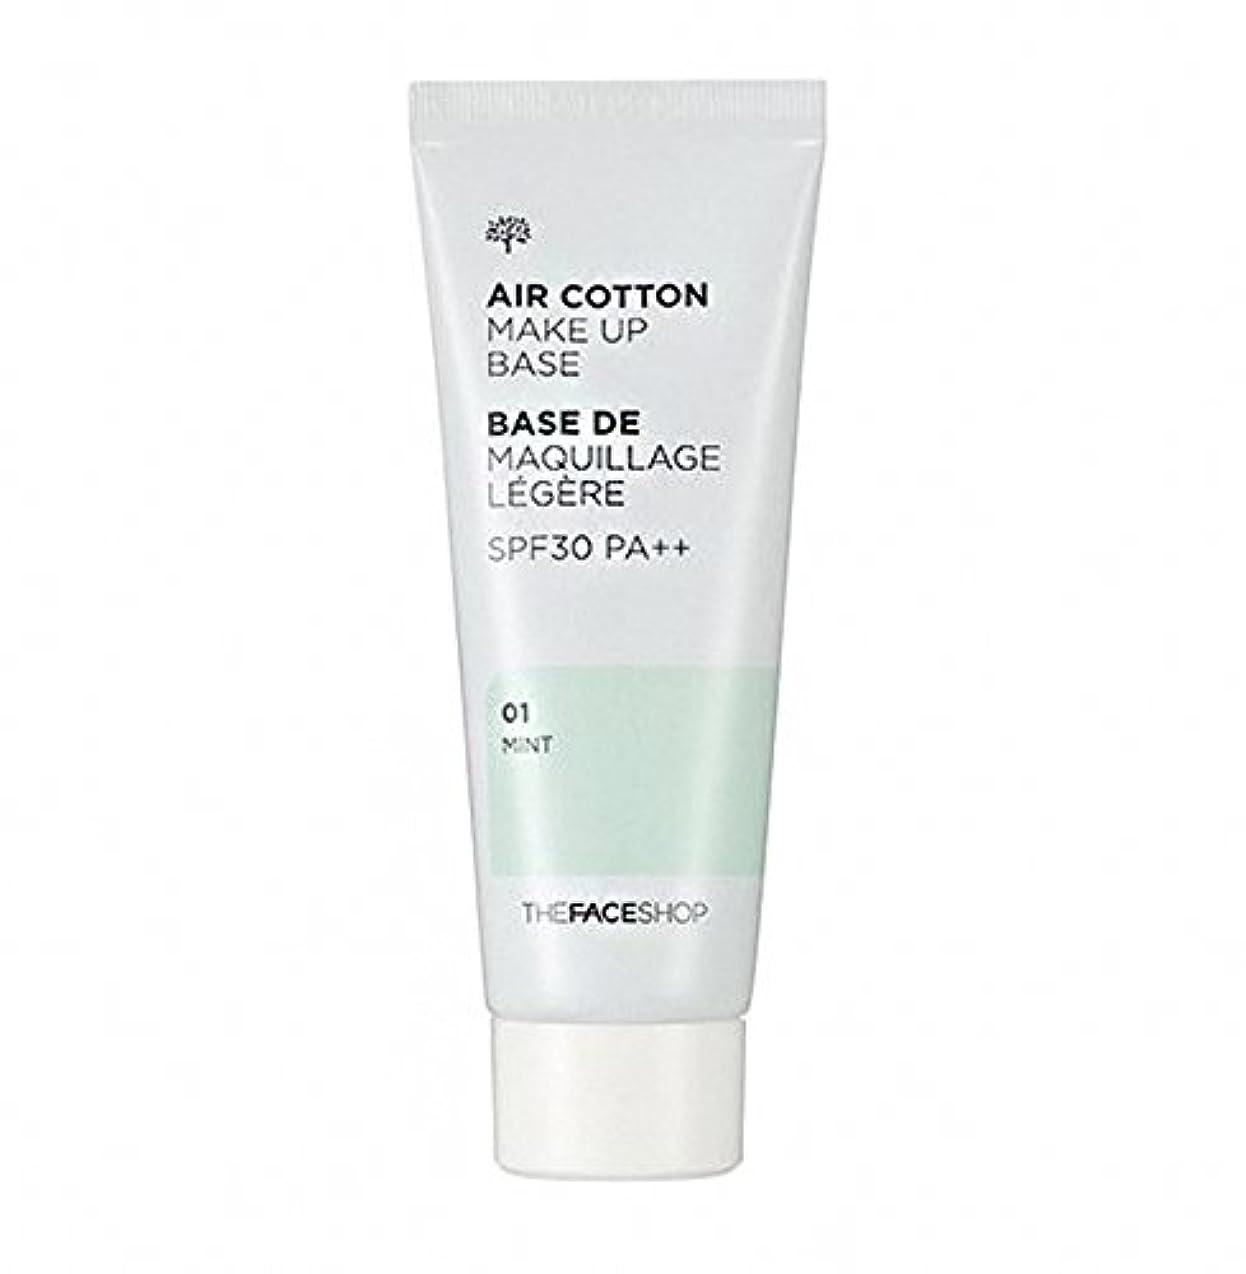 視聴者あいまい悪魔ザ·フェイスショップ The Face Shop エアコットン メーキャップ ベース 40ml(01 ミント) The Face Shop air Cotton Makeup Base 40ml(01 Mint) [海外直送品]